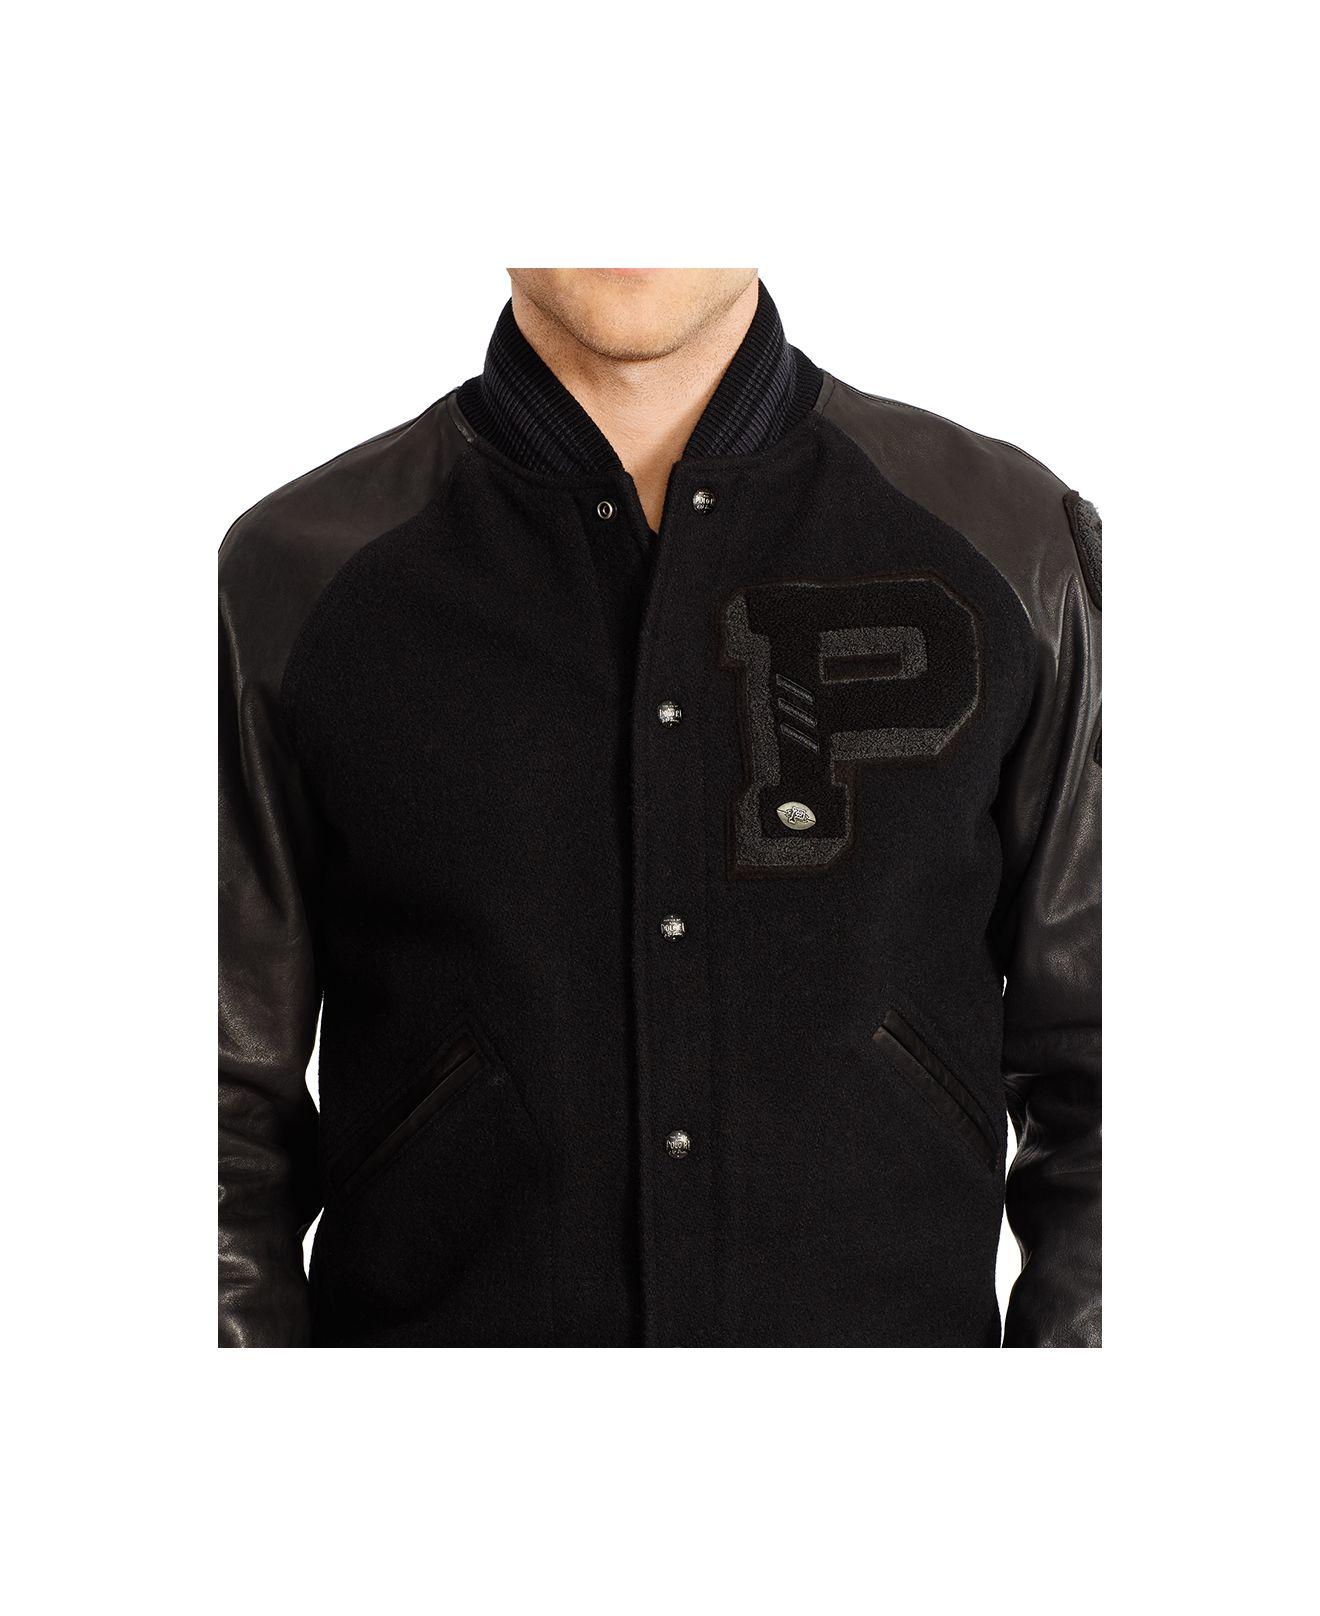 Polo Jacket Wool For Lauren Ralph Varsity Black Men oxBdrCeW